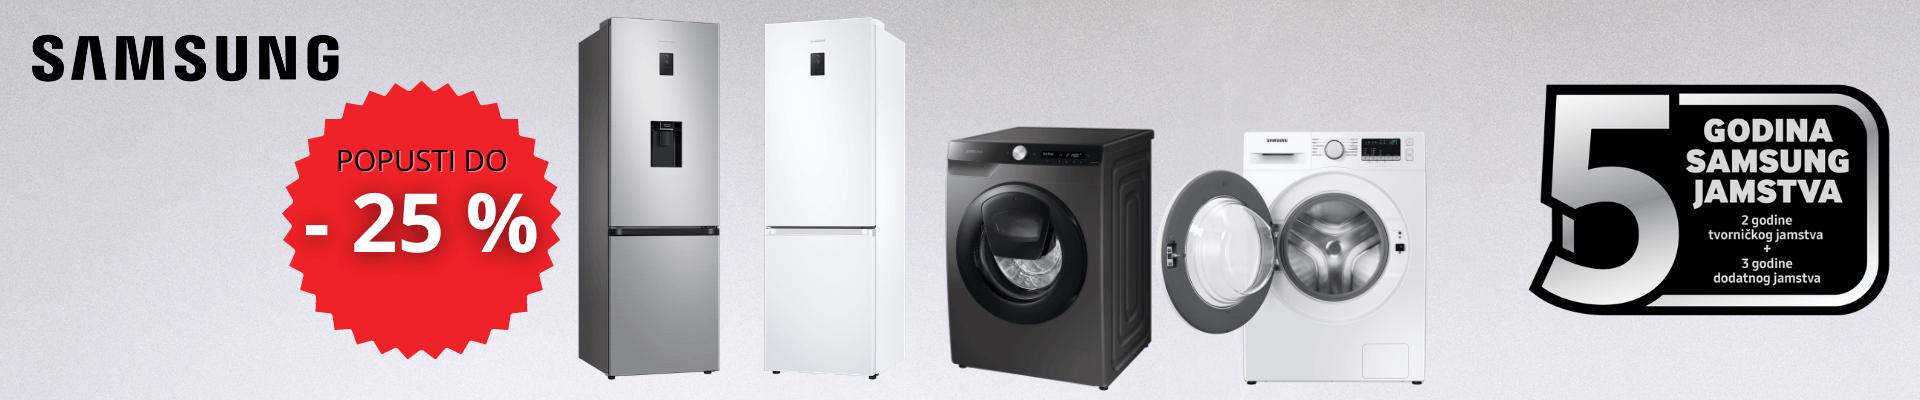 alles-samsung-bijela tehnika-samsung perilica-samsung hladnjak-snizenje-popust